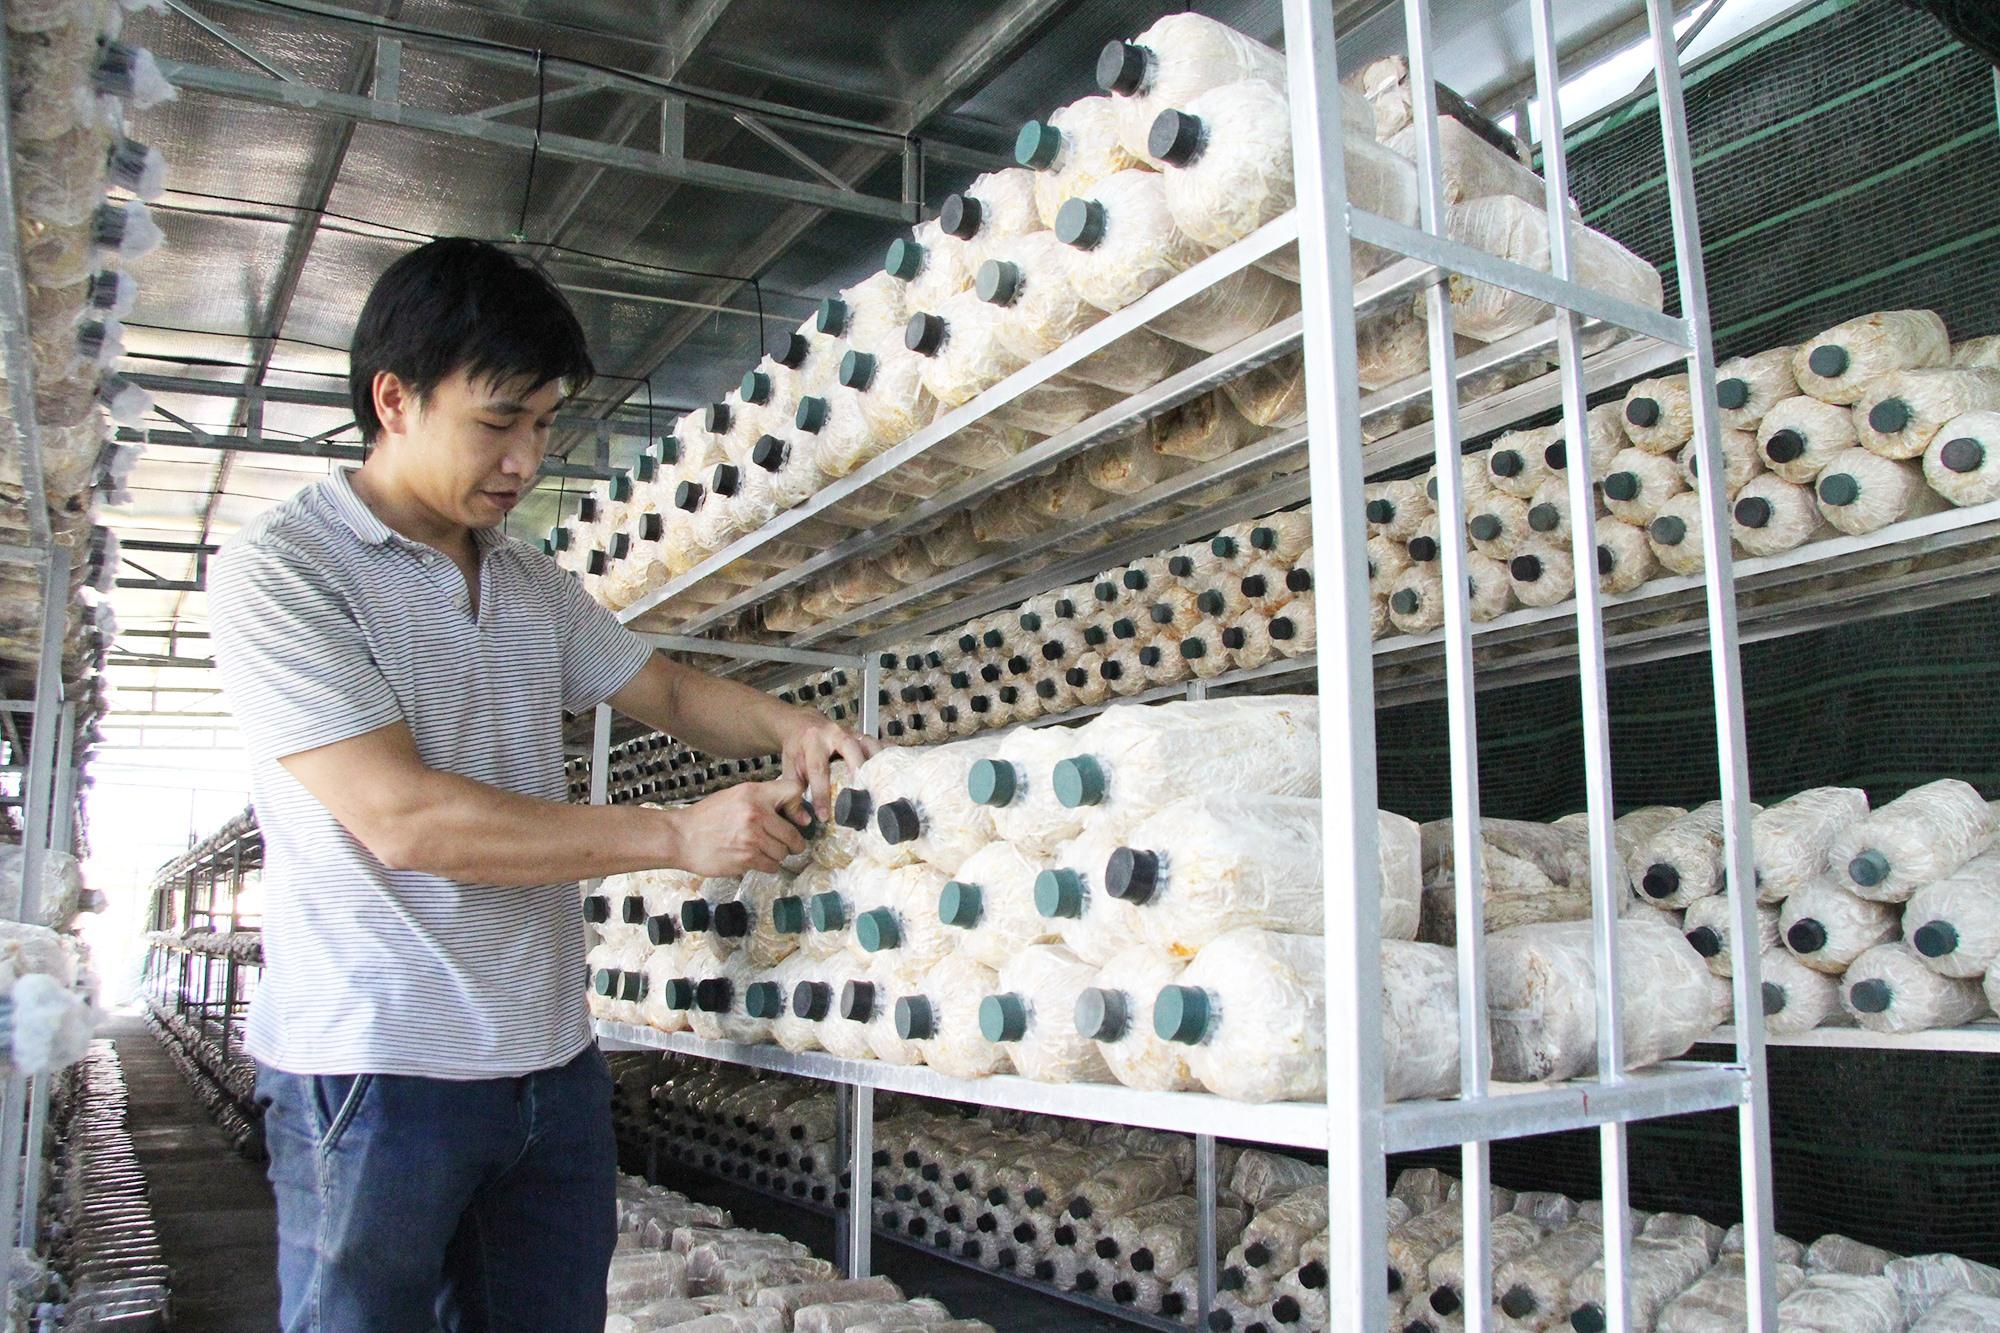 Mô hình trồng nấm của ông Đỗ Thành Sơn (khối phố Sơn Phô 2, phường Cẩm Châu). Ảnh: H.Q